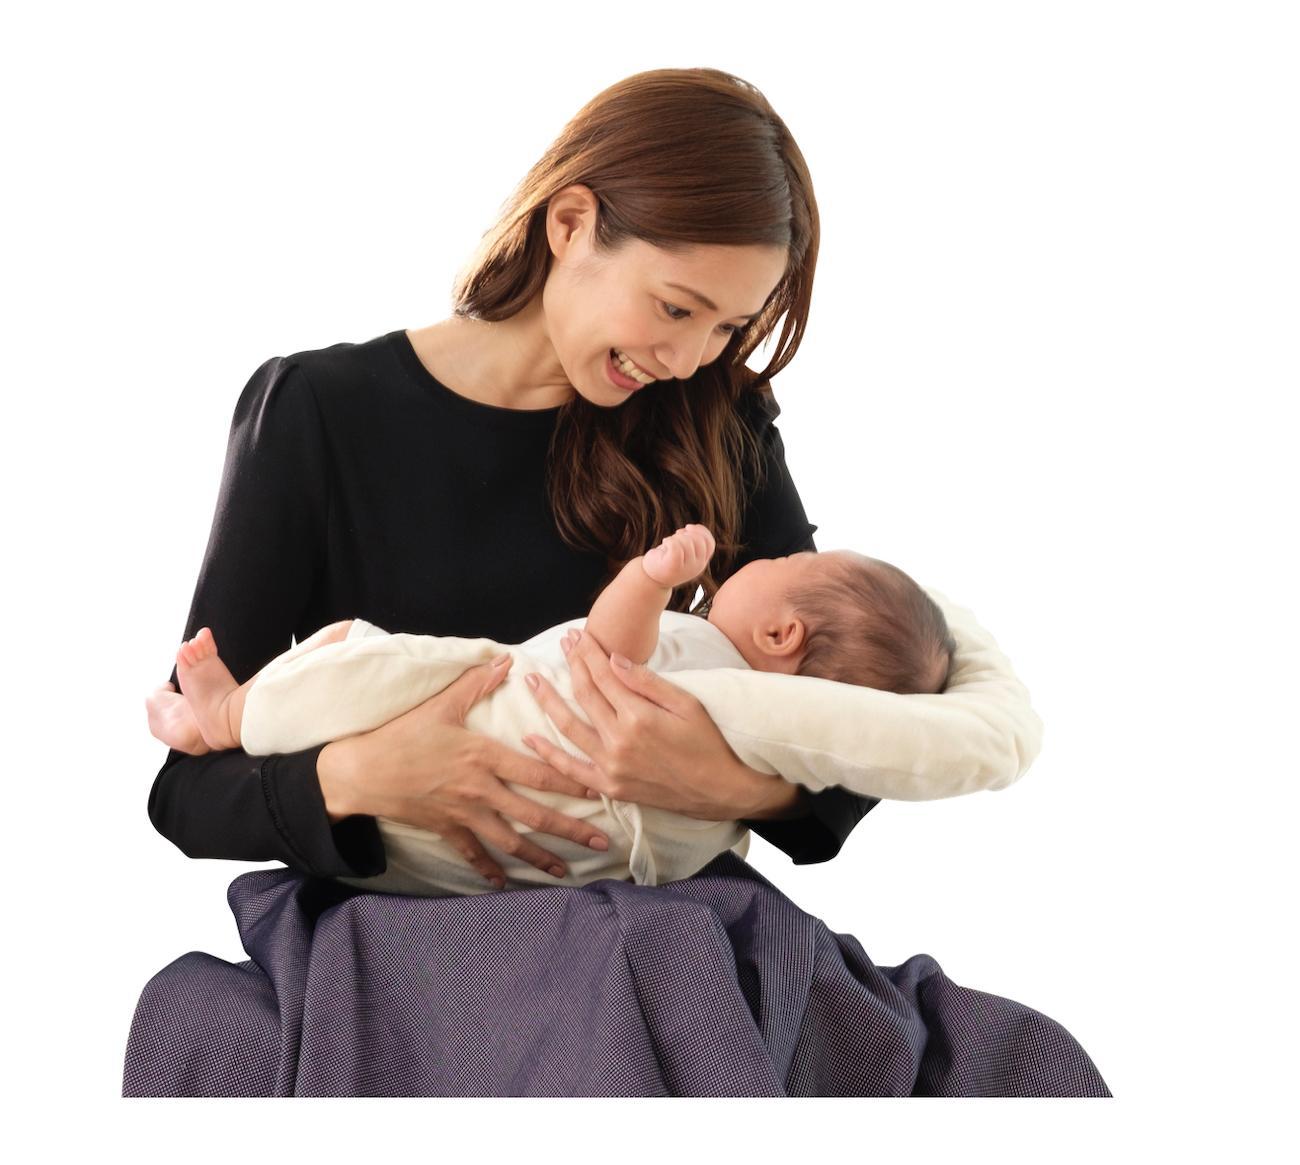 ジョリーメゾンのトッポンチーノスタンダードパック。新生児の抱っこ・寝かしつけに最適です。